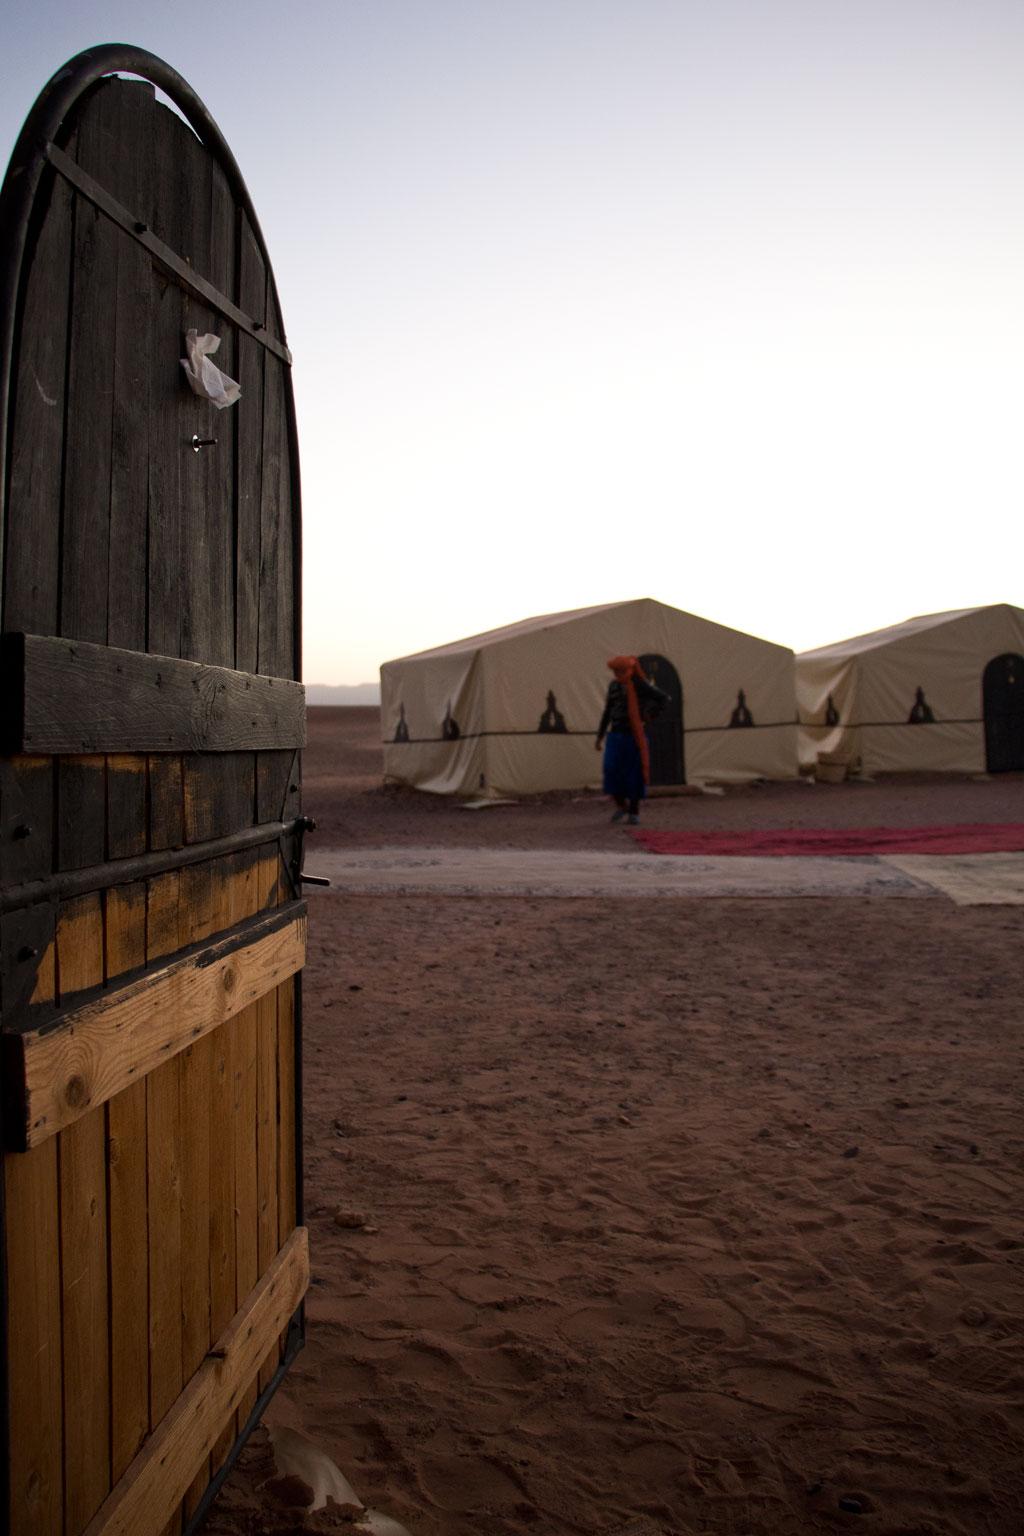 Marokko Trip –Wüste von Zagora – Camp in der Wüste |SOMEWHERE ELSE